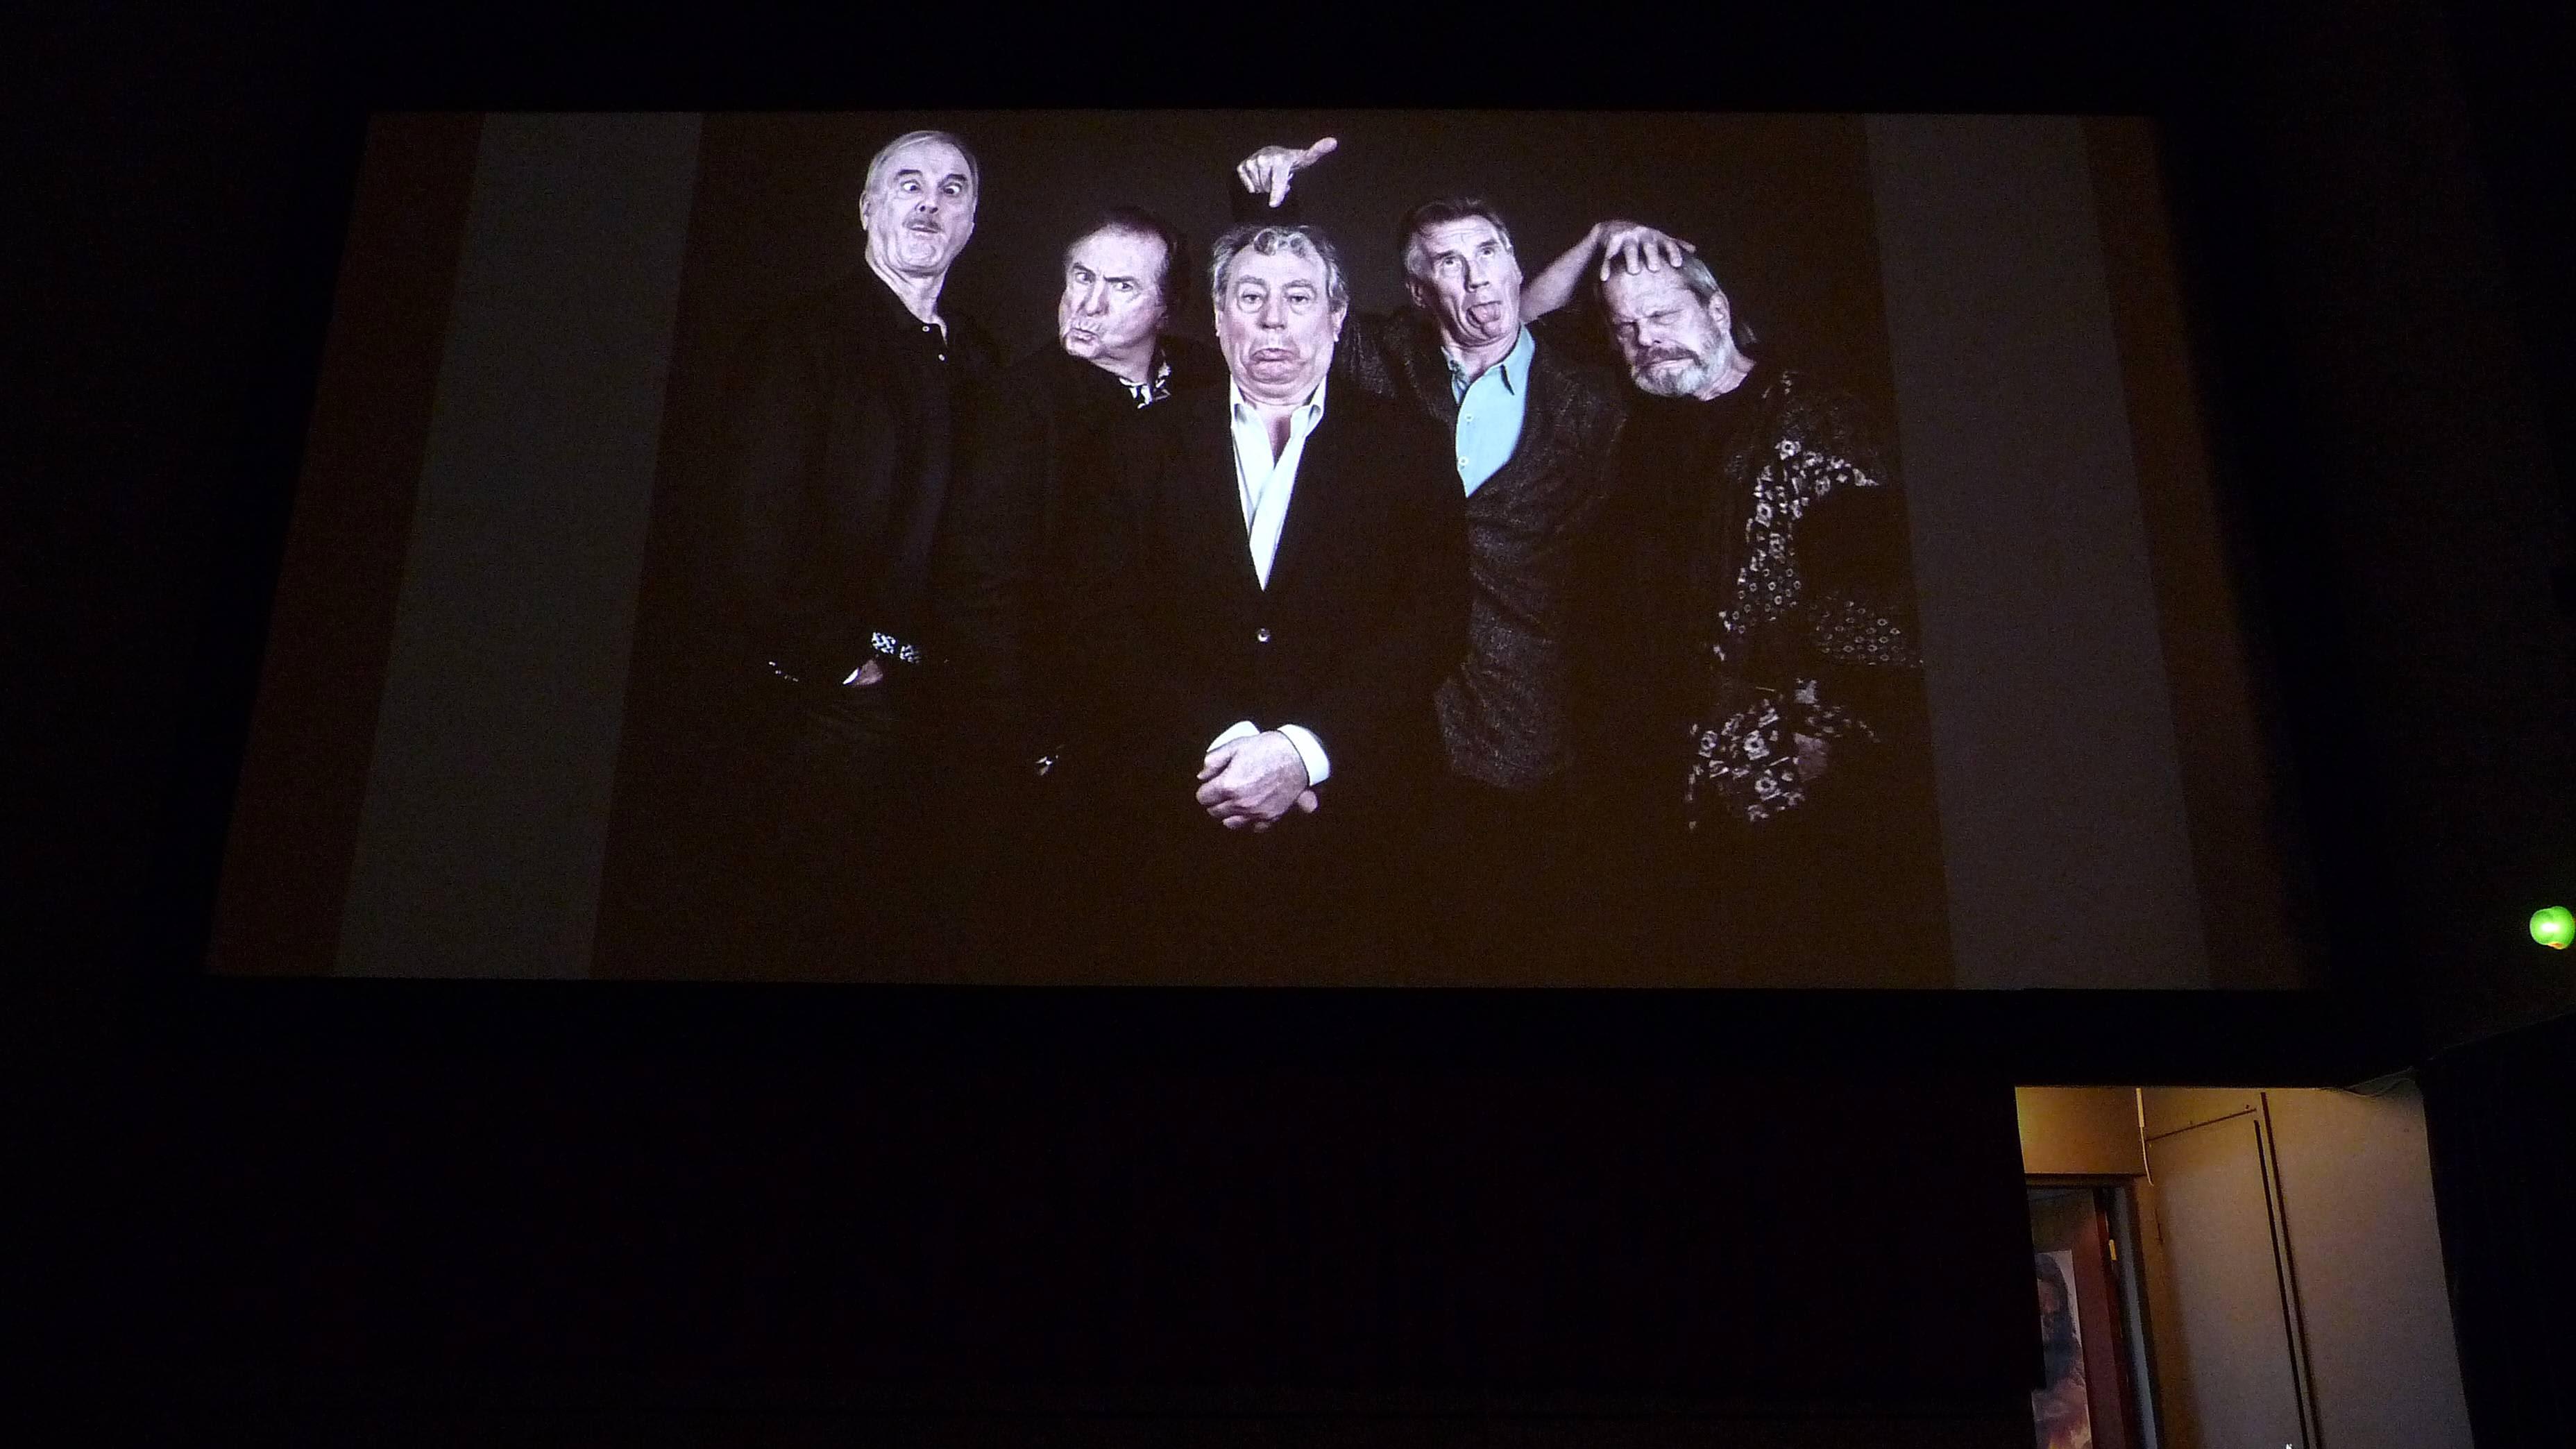 Monty Python -koomikkoryhmän jäsenet huumorikuvassa jalasjärveläisen elokuvateatterin valkokankaalla.